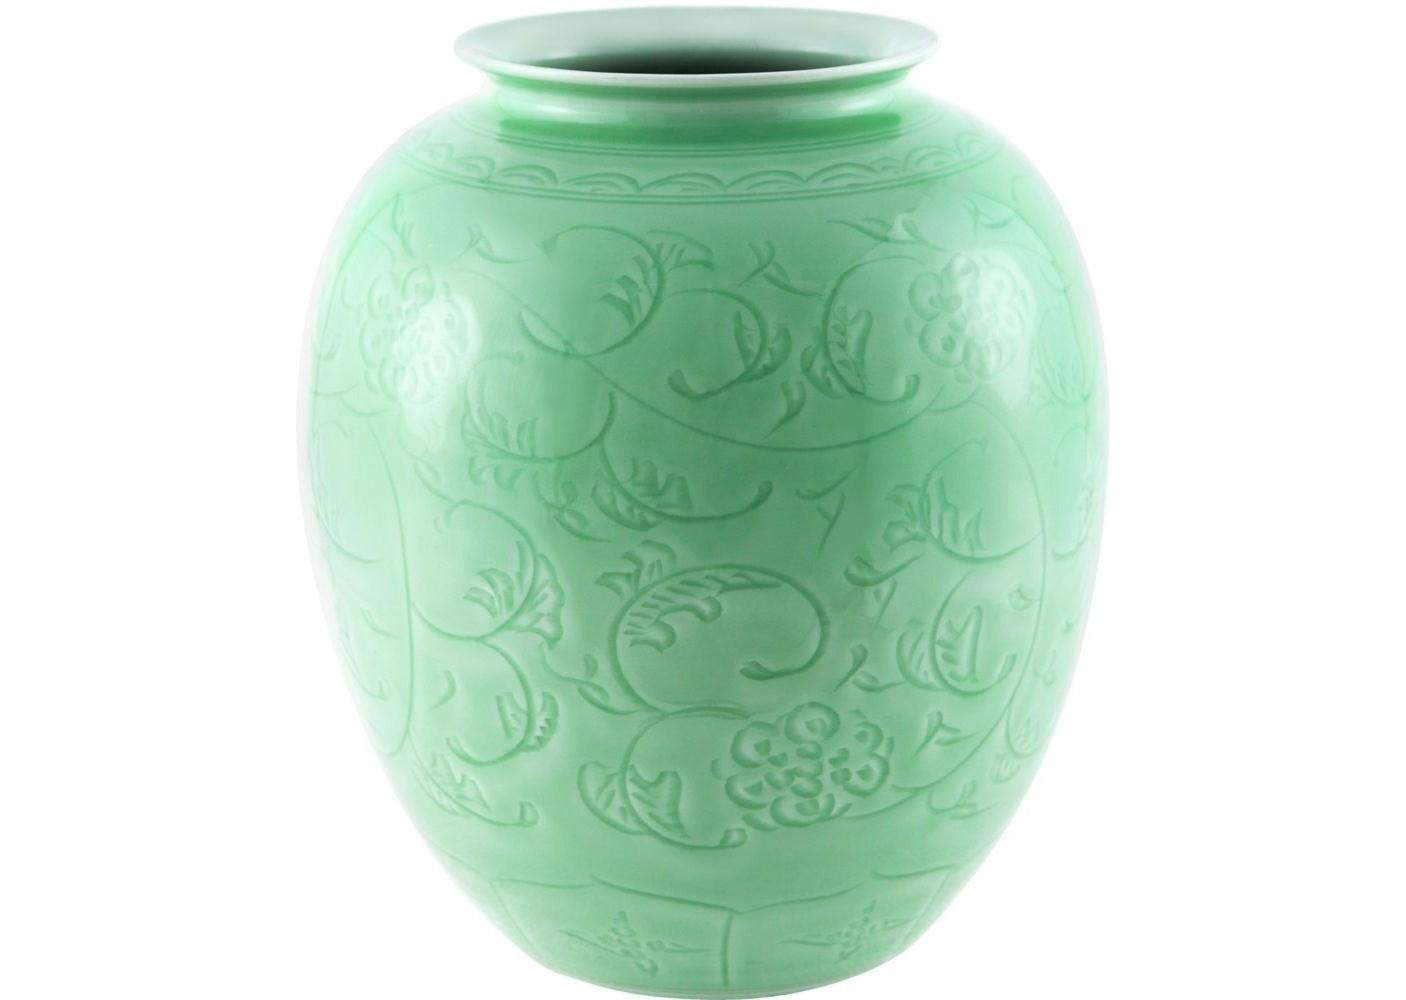 Ваза настольная TraditionalВазы<br><br><br>Material: Керамика<br>Высота см: 35.0